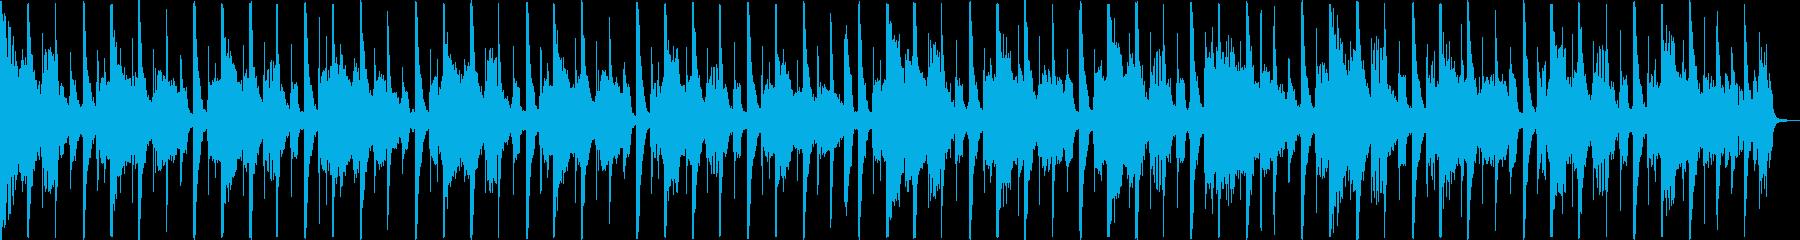 CM 30秒 ファンク 商品紹介 企業の再生済みの波形